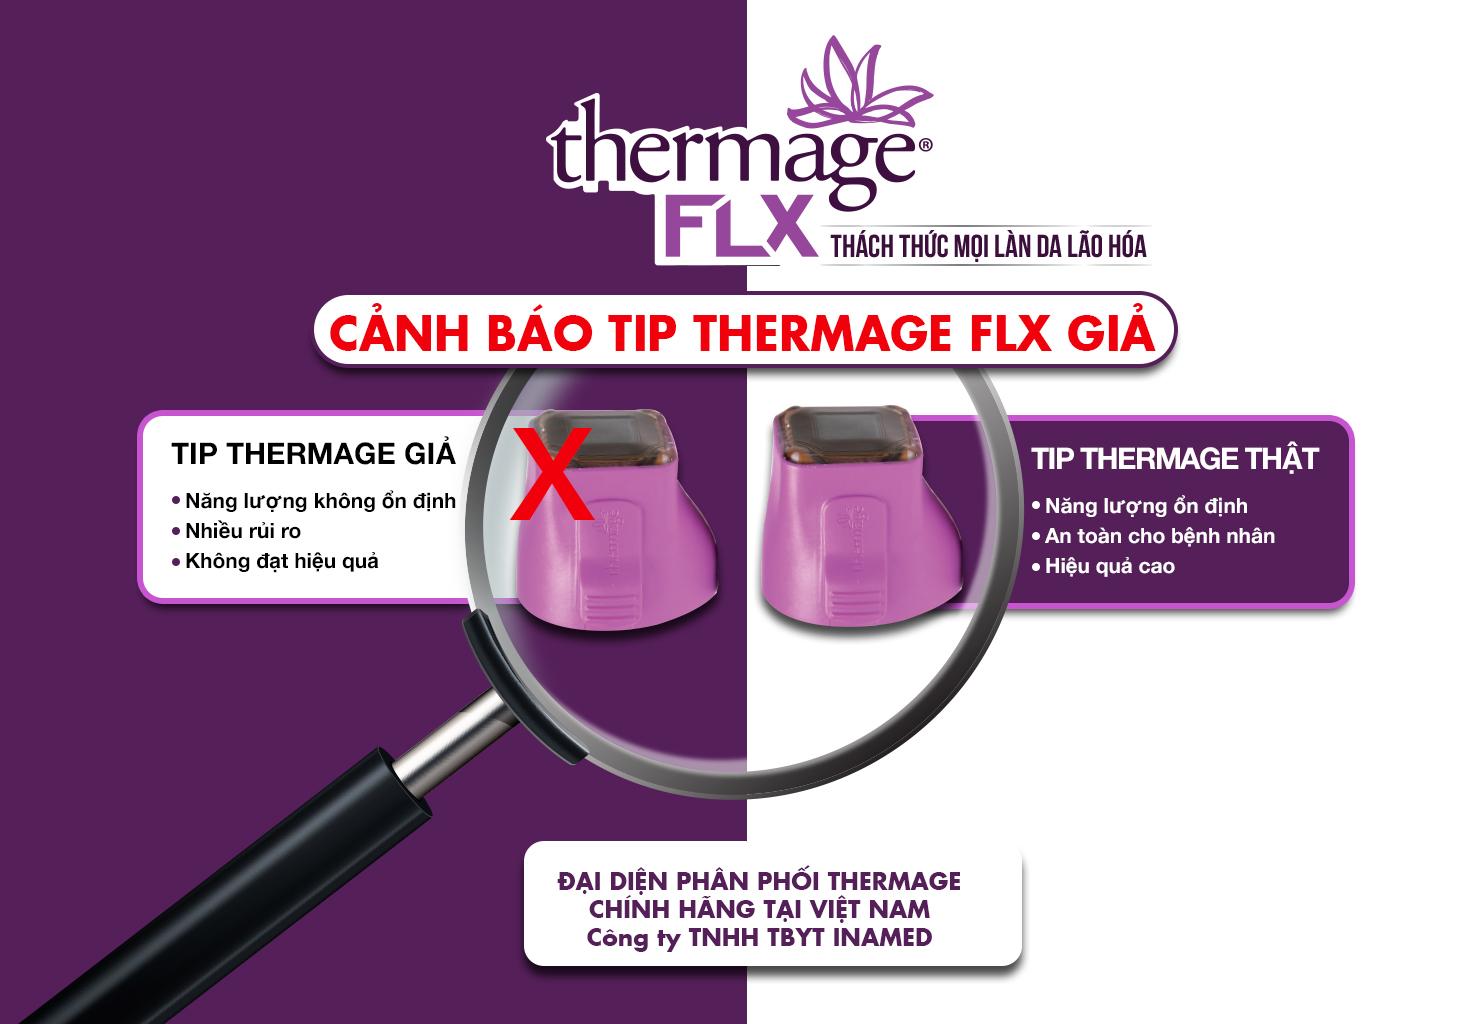 Cảnh báo Tip Thermage FLX giả